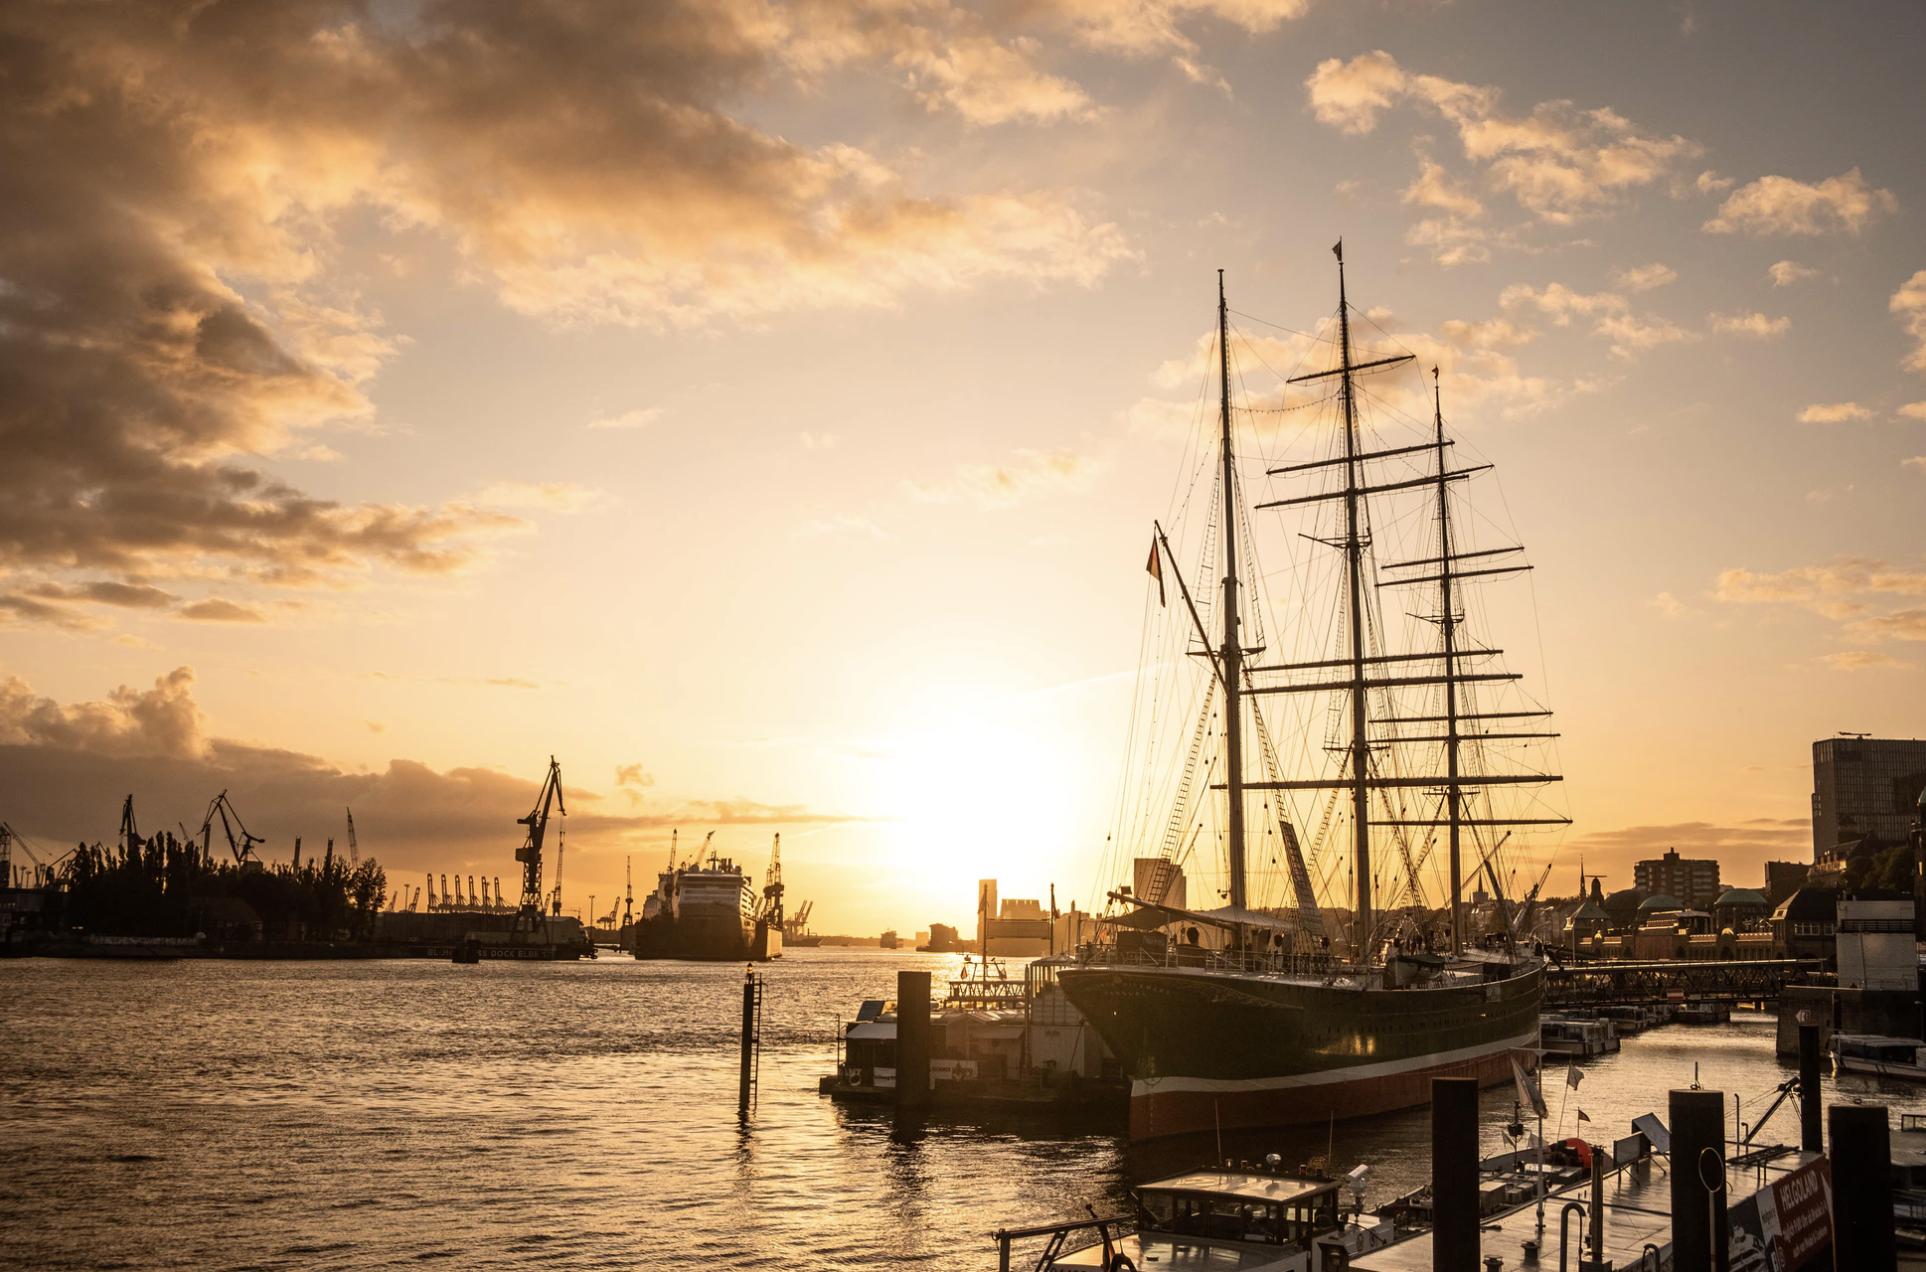 Immobilien Ankaufsprofil Hamburg: Unsere Immobilieninvestoren kaufen an